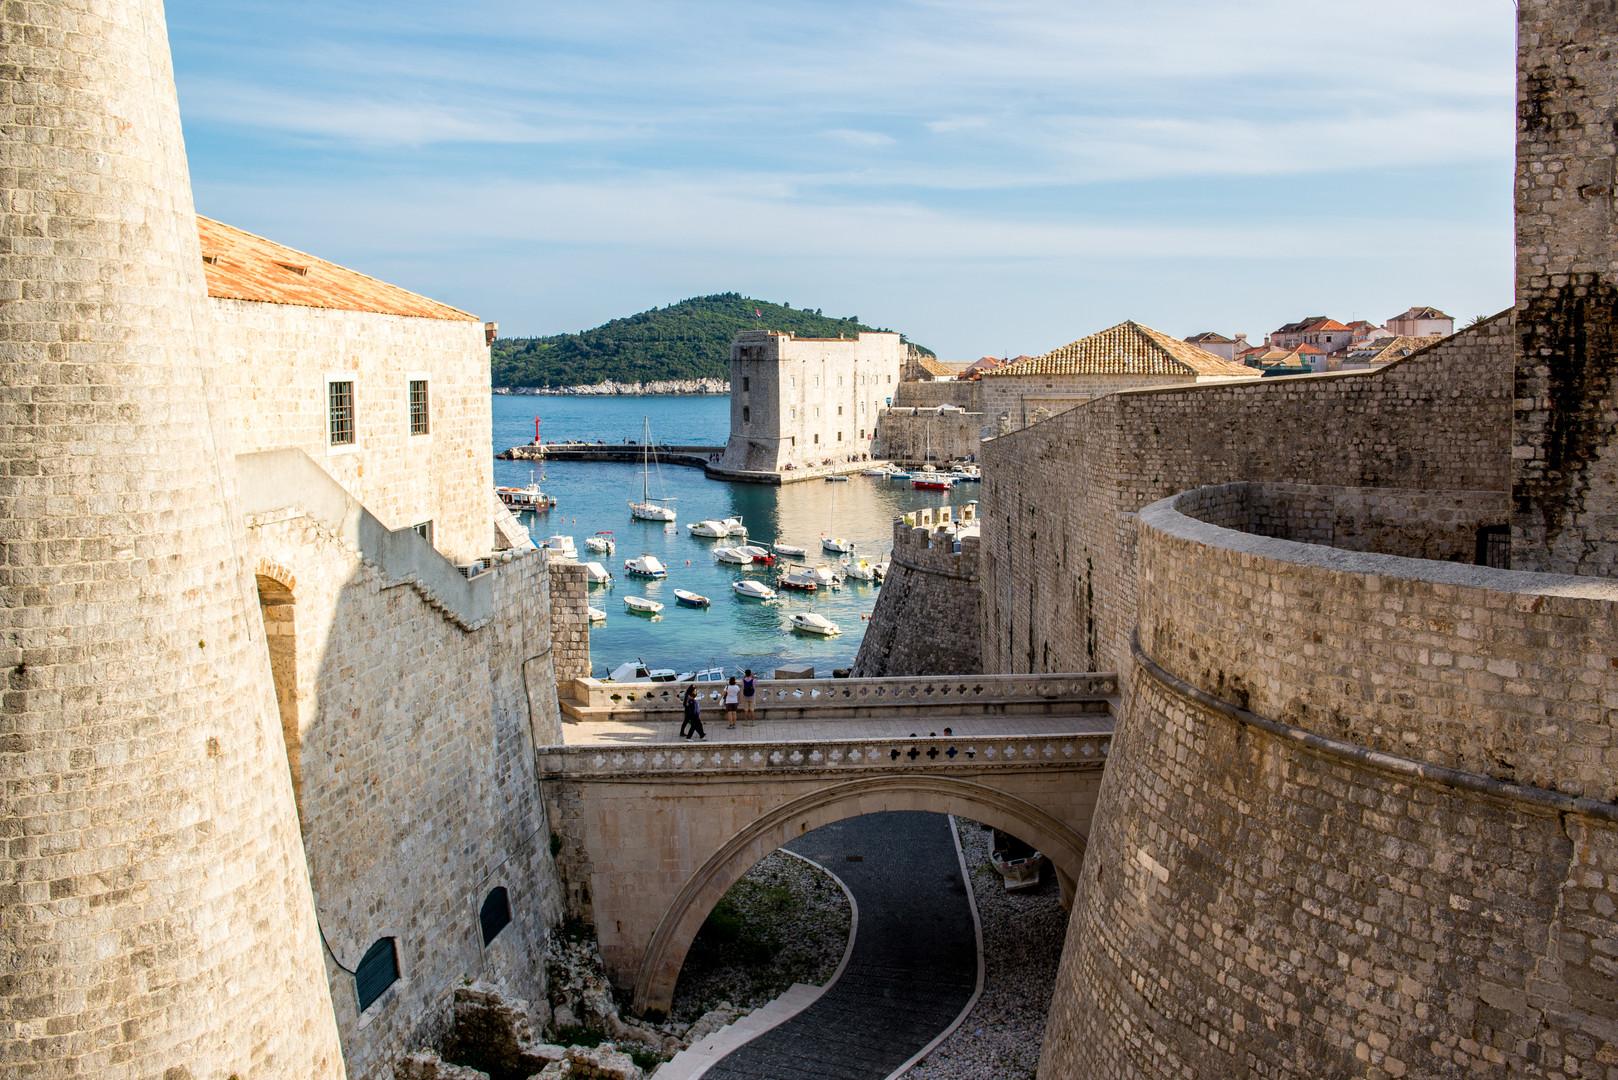 Ploče gates in Dubrovnik